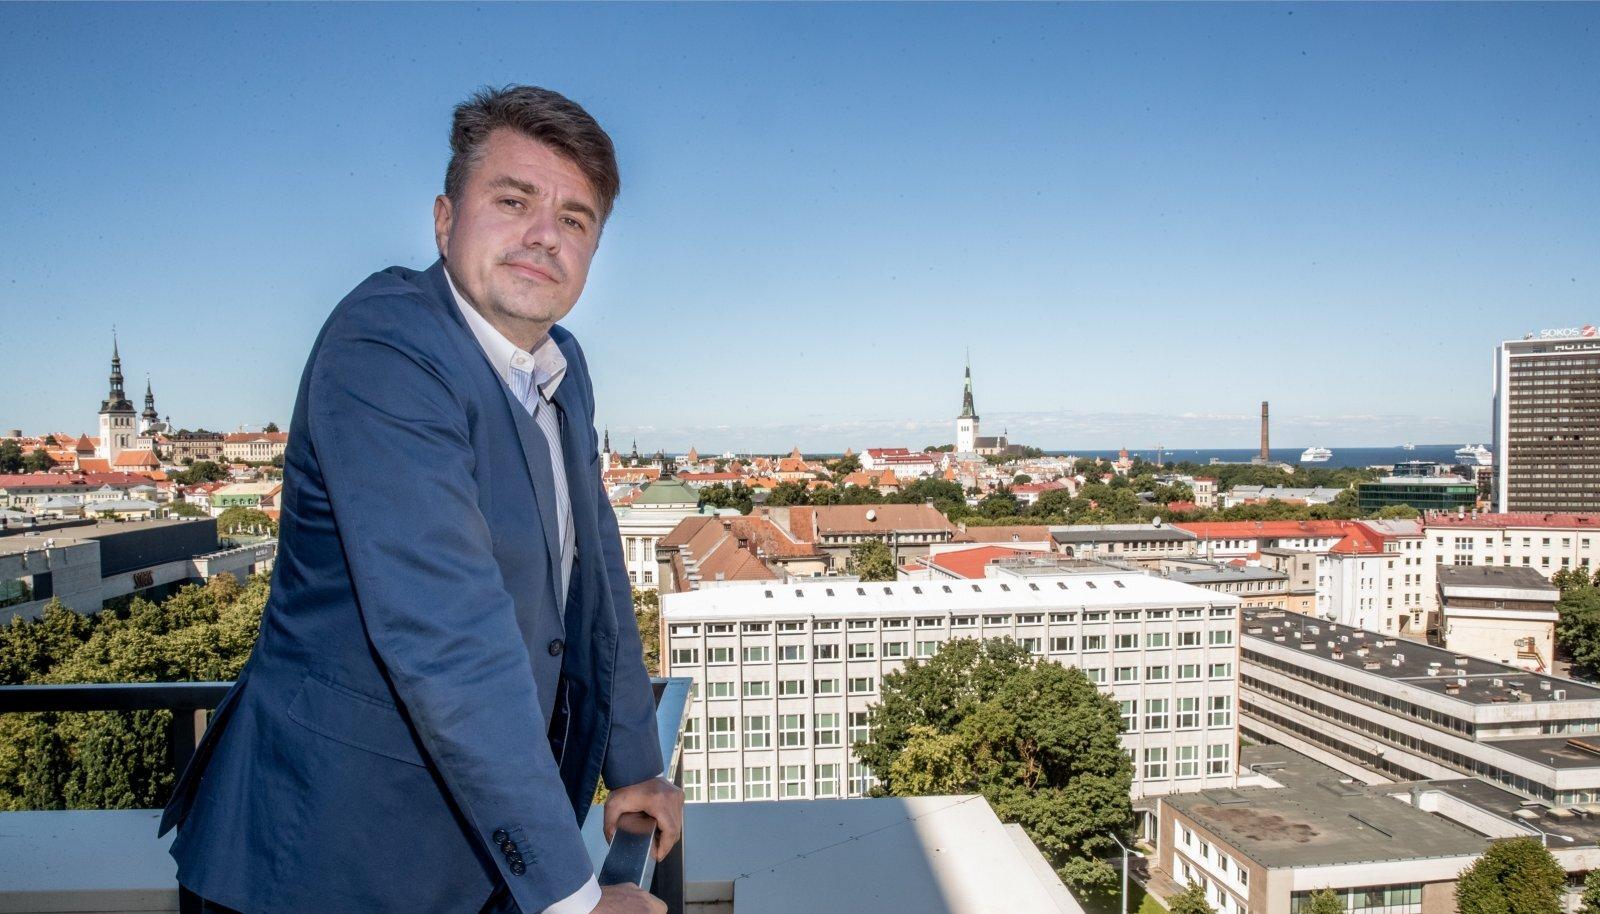 Isamaa aseesimees Urmas Reinsalu ütleb, et erakond ei triivi kuhugi ning kõik poliitilised valikud on kaalutletud ja erakonnas läbi vaieldud.